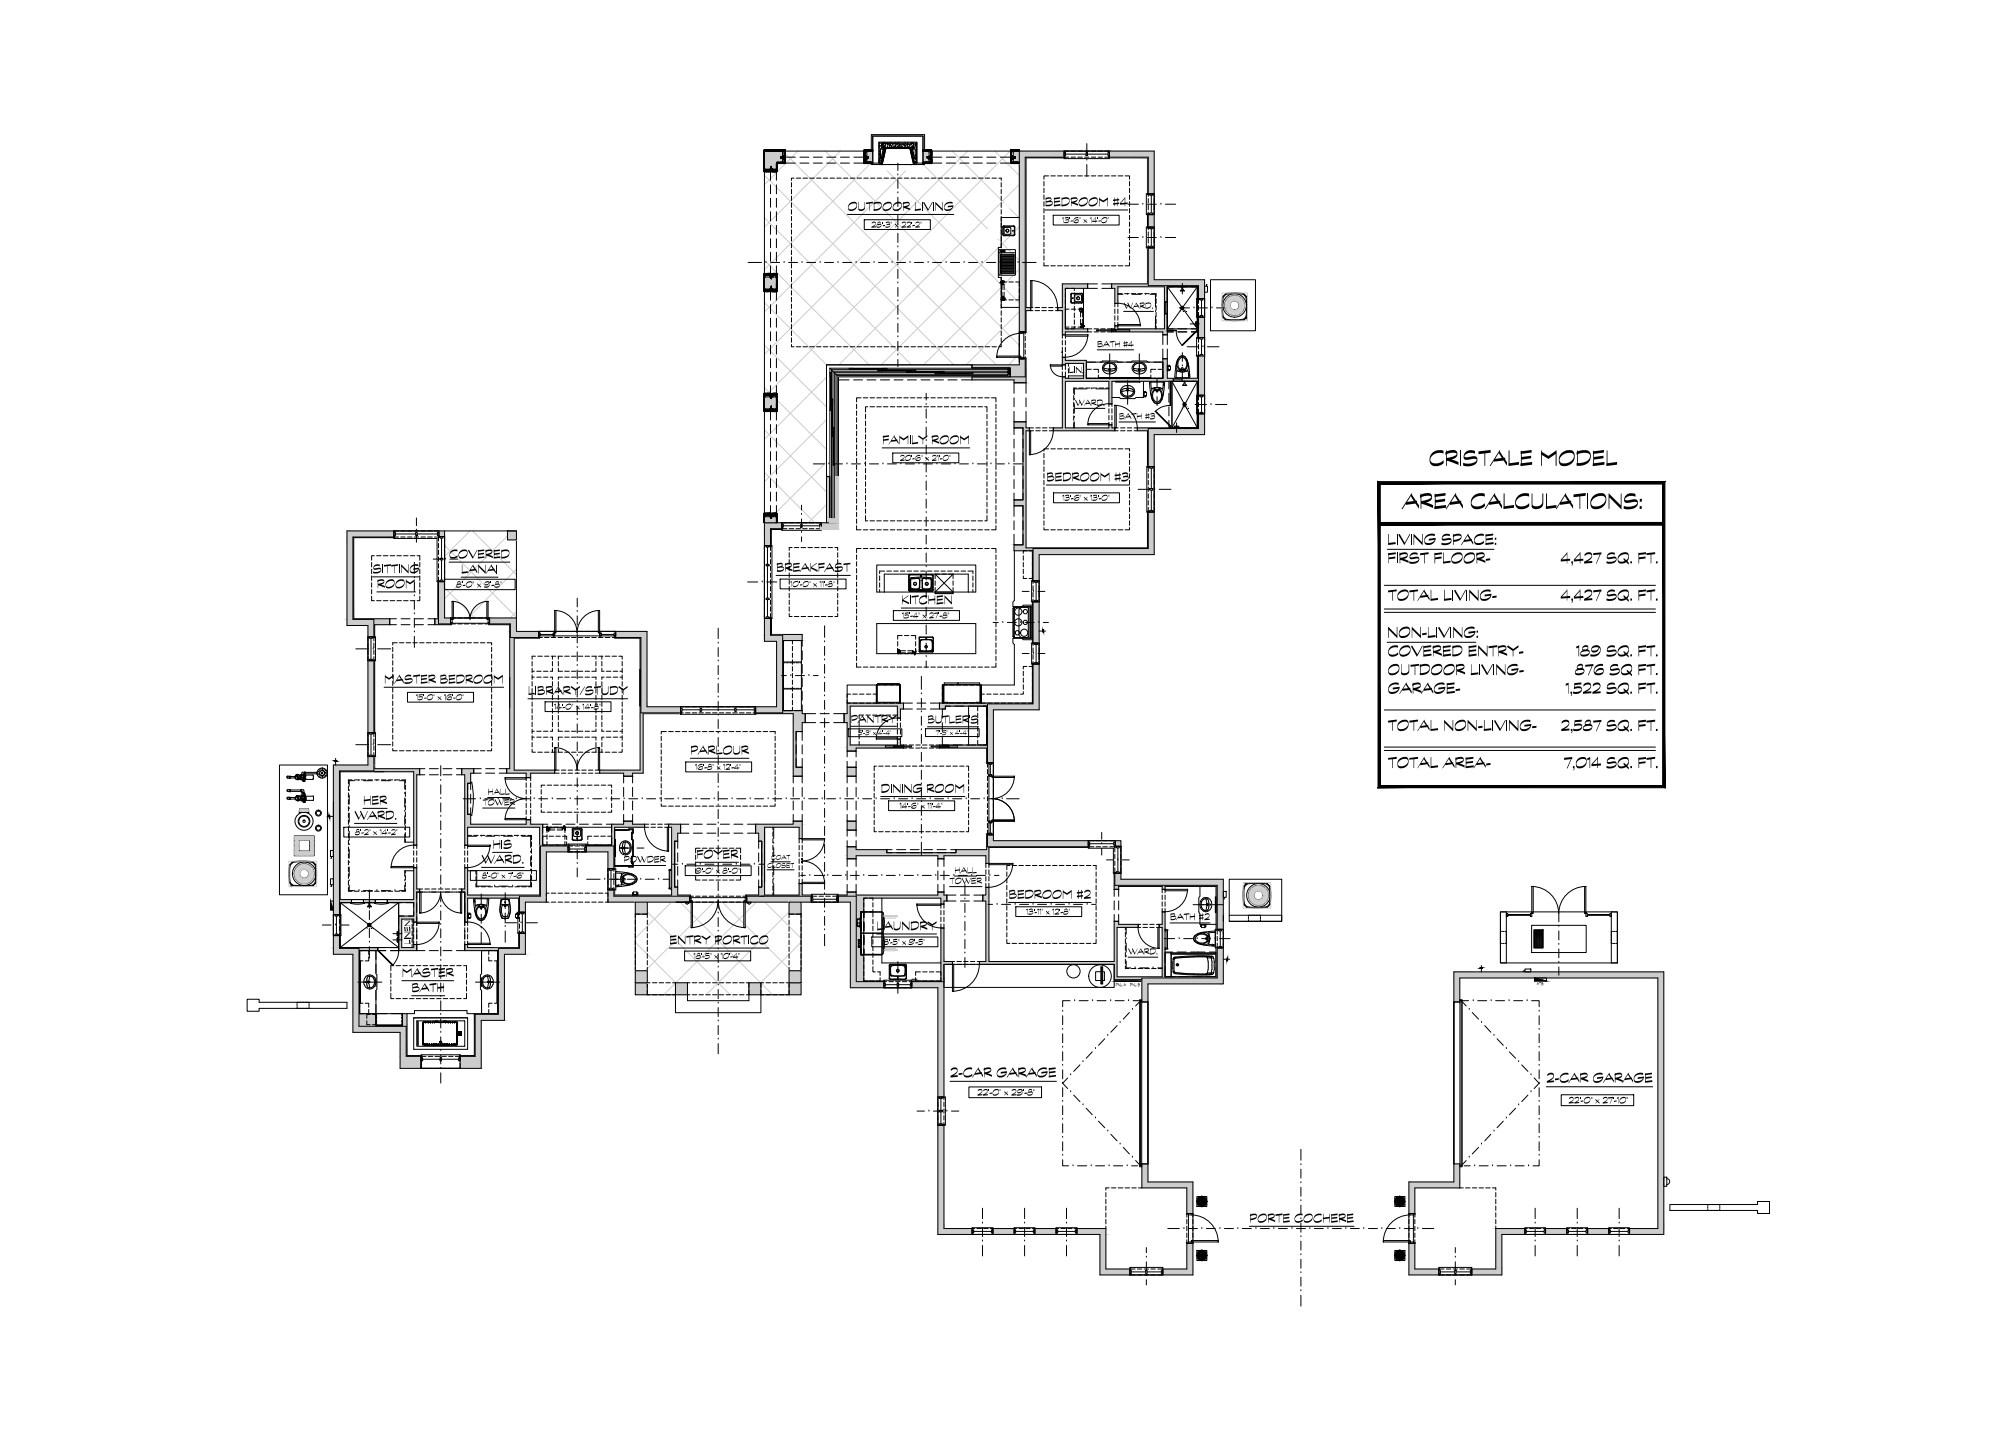 Cristale Floorplan